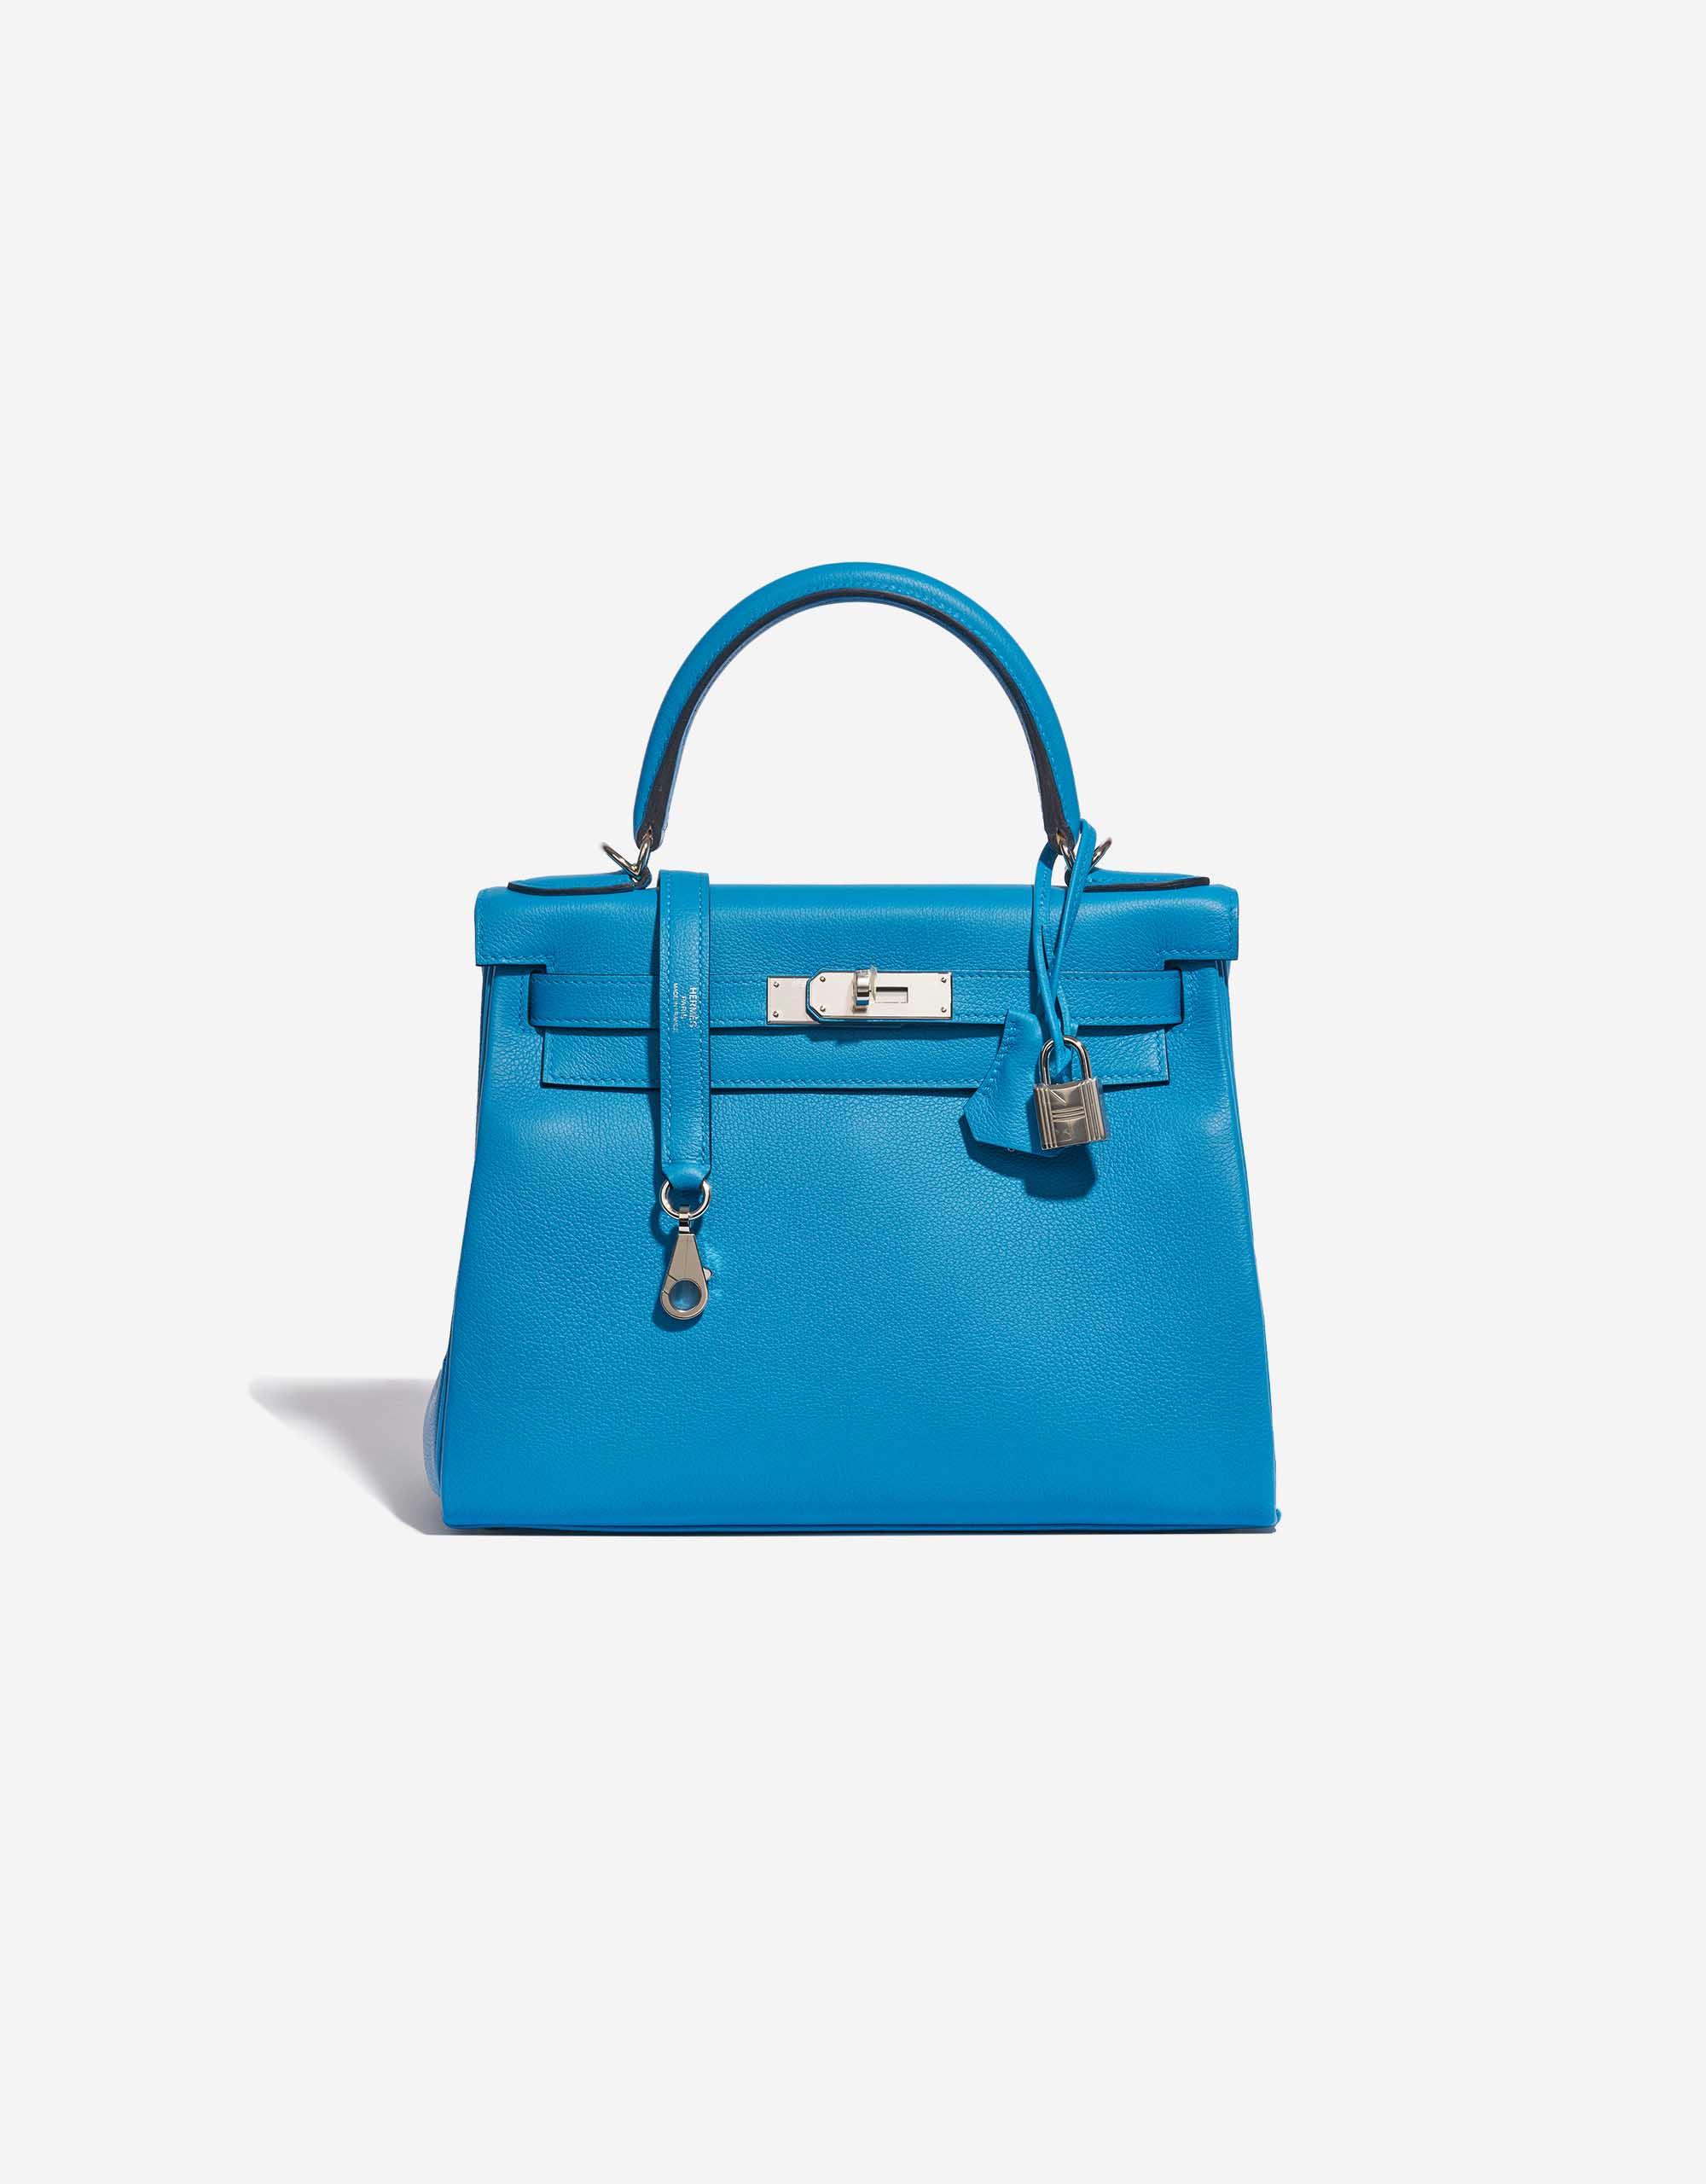 Hermès Kelly 28 Evercolor Blue Frida | SACLÀB